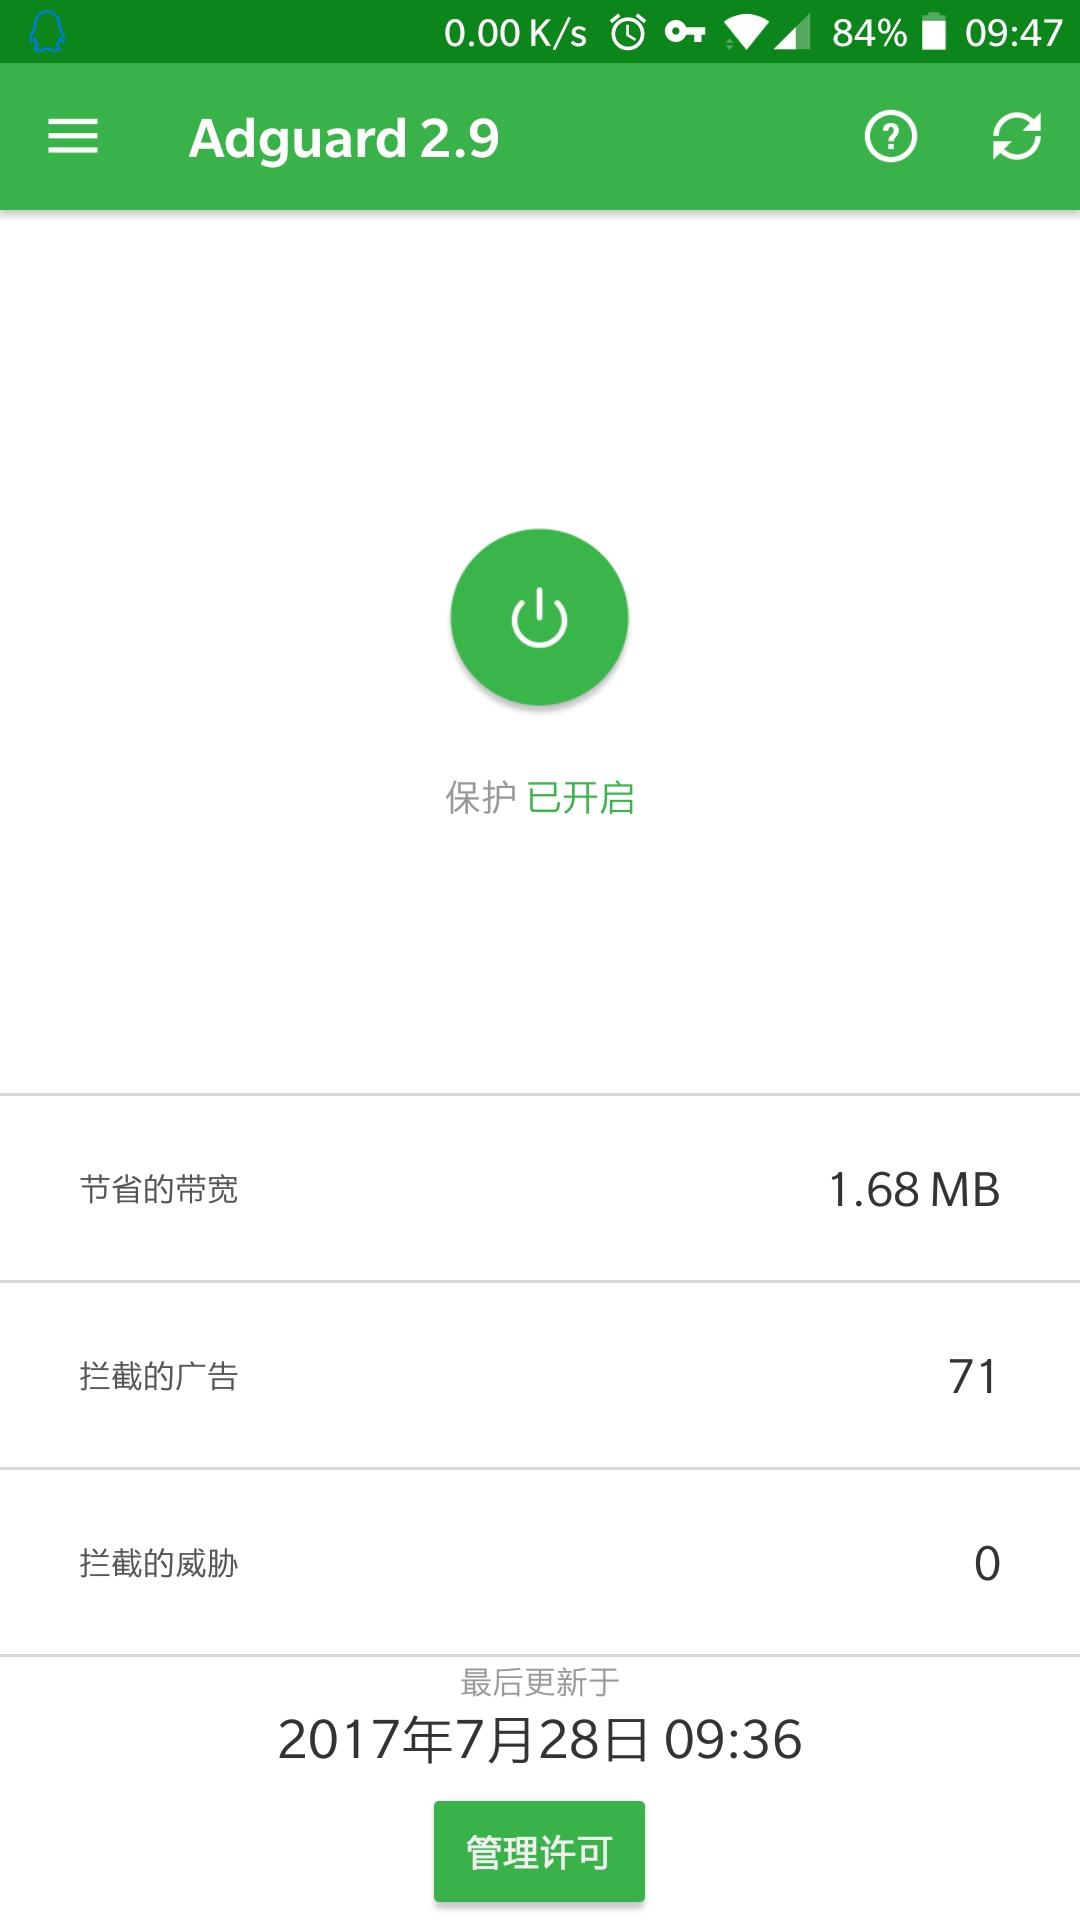 Screenshot_20170728-094749.jpg